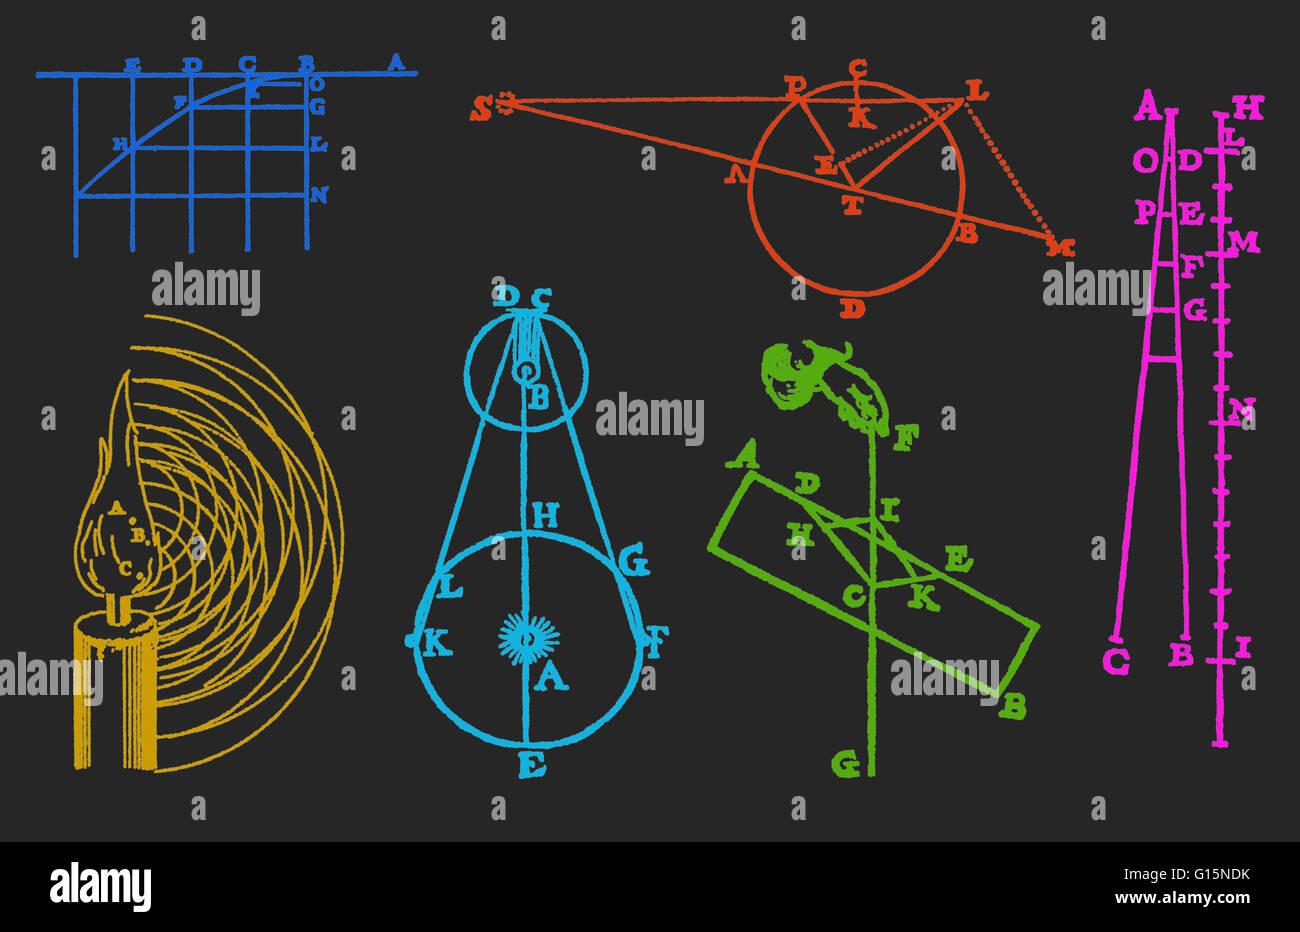 Sechs frühe Physik Diagramme aus der wissenschaftlichen Revolution des 16. und 17. Jahrhundert. Von oben links Stockbild